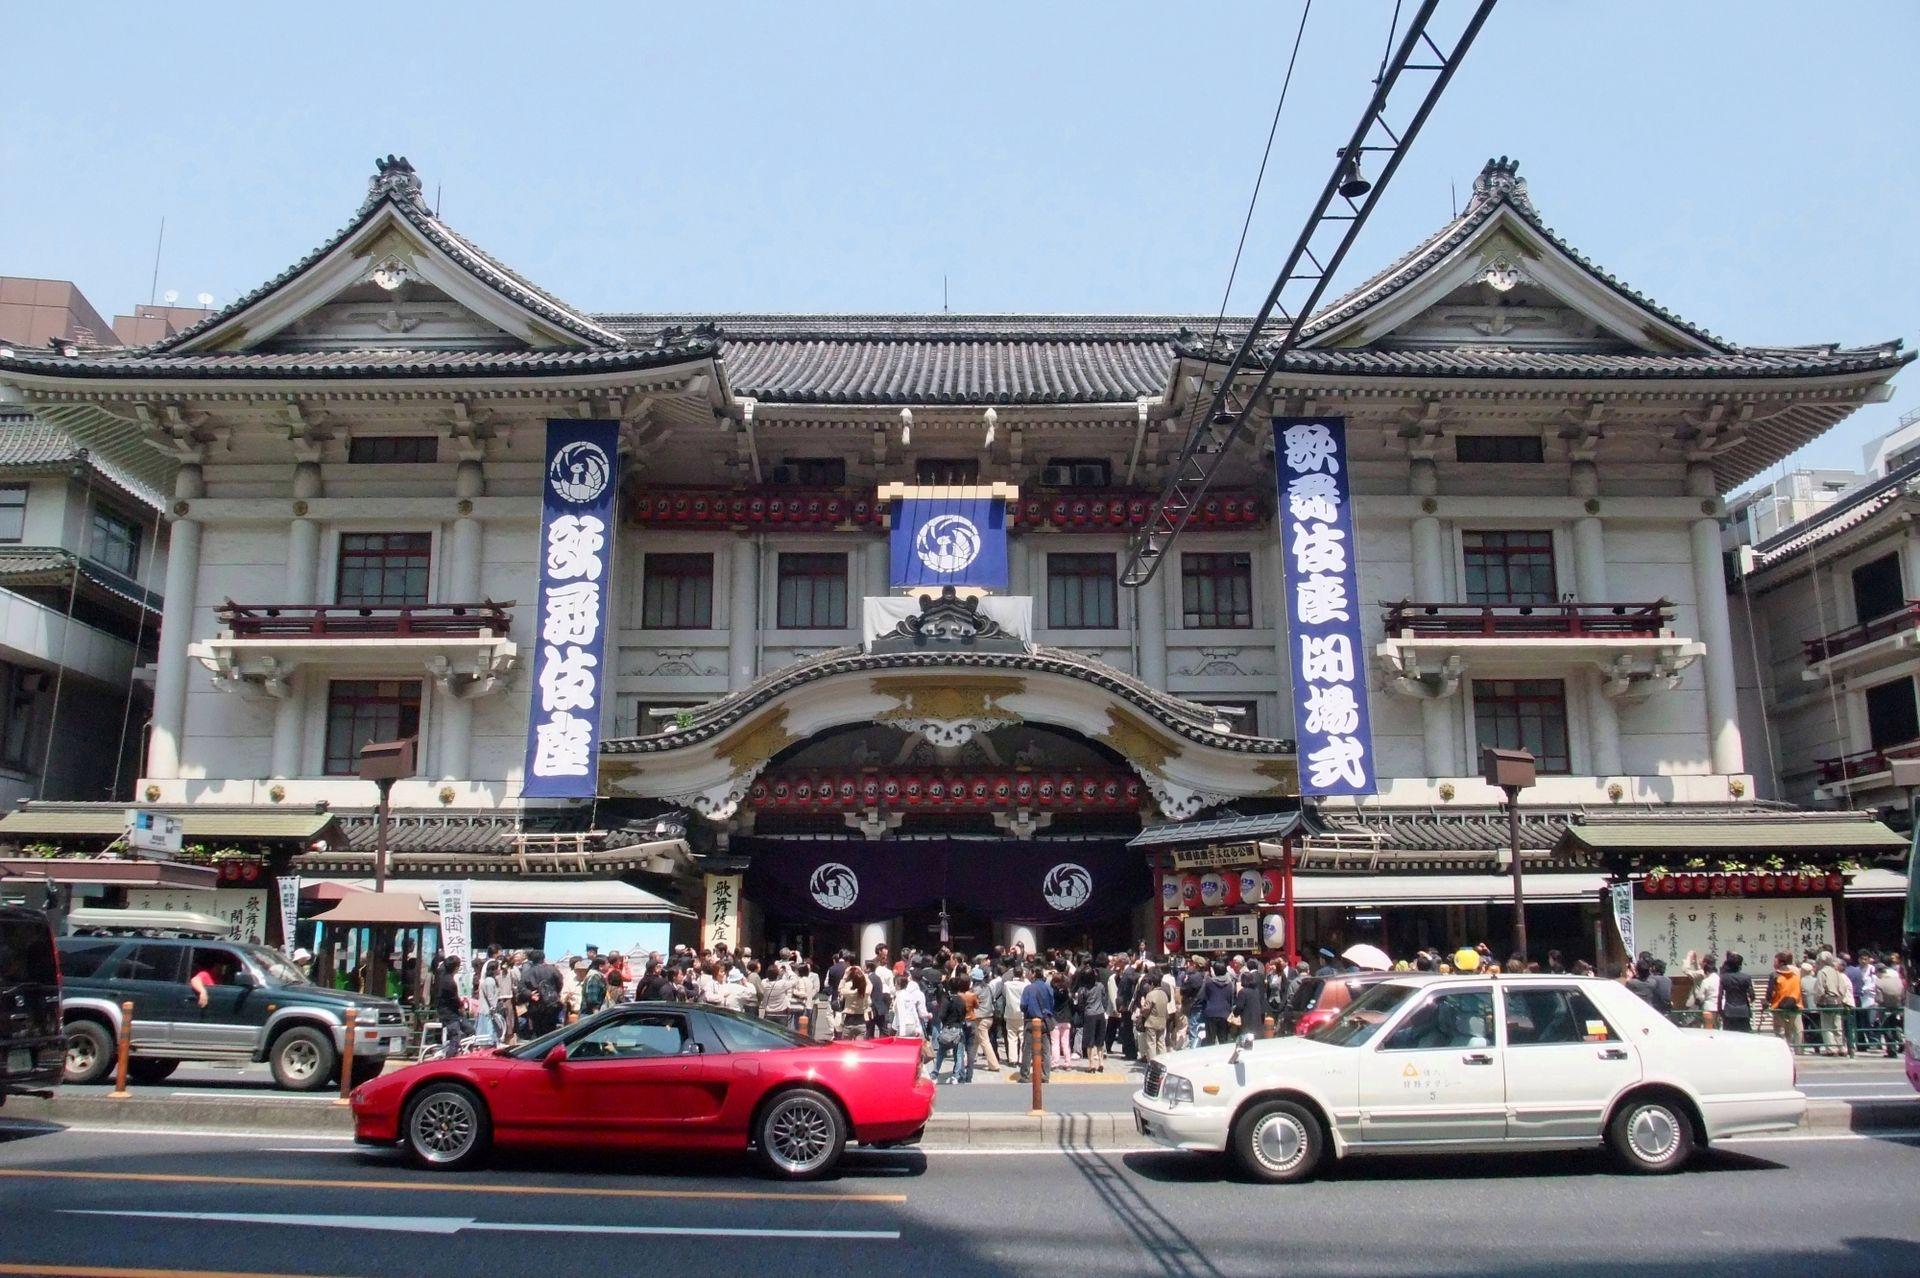 Kabuki-za_Theatre_2010_0430